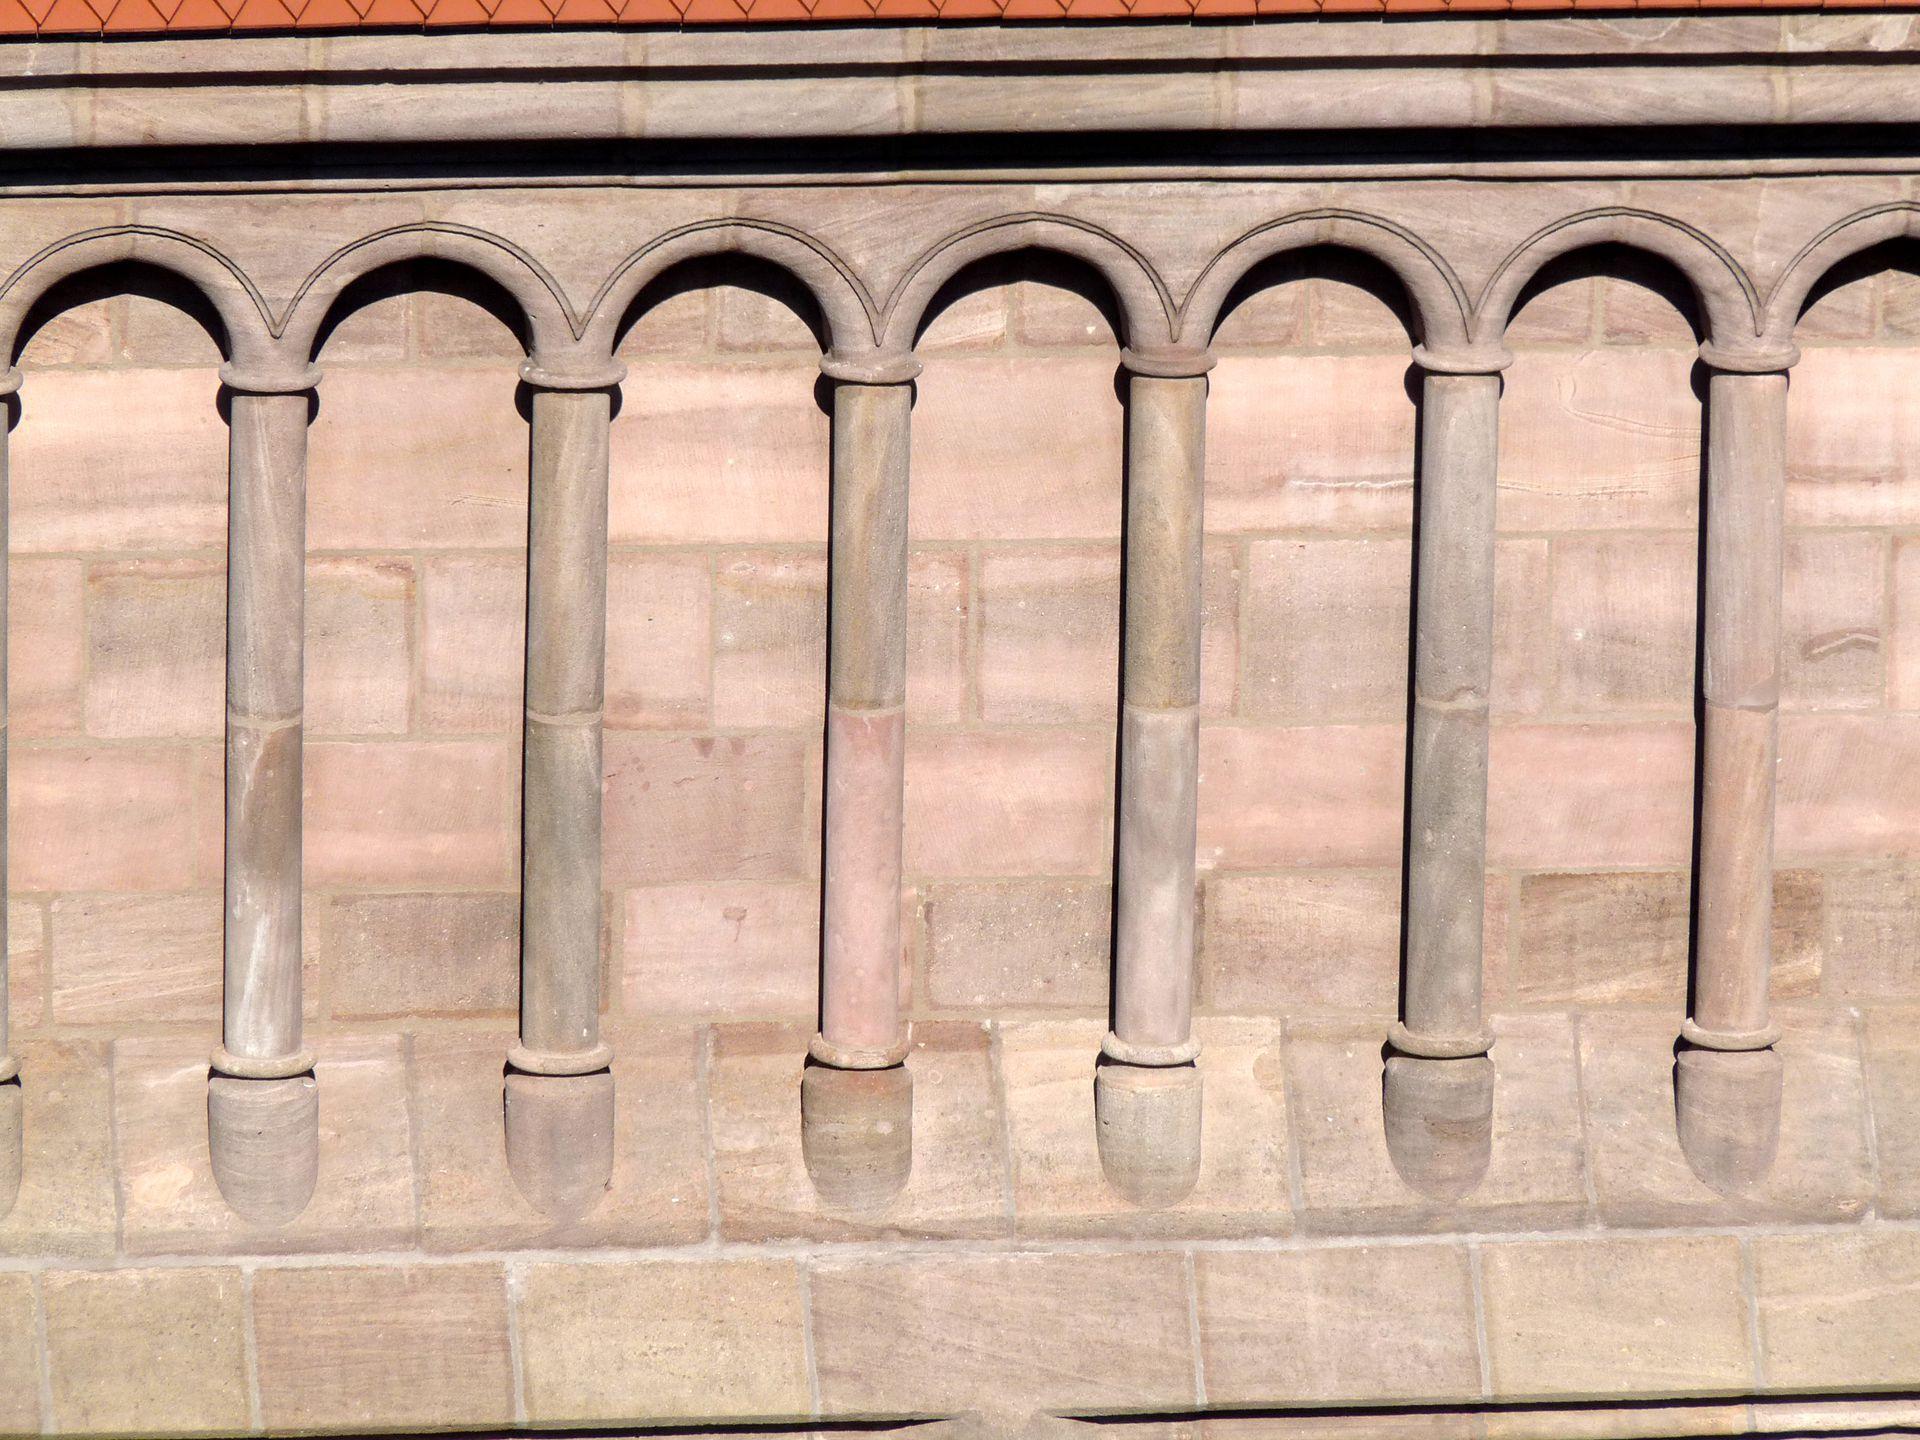 St. Lorenz, Hallenchor, Bauphase Jakob Grimm Westgiebel, Detail der Bogenstellungen (von Hans Behaim?)